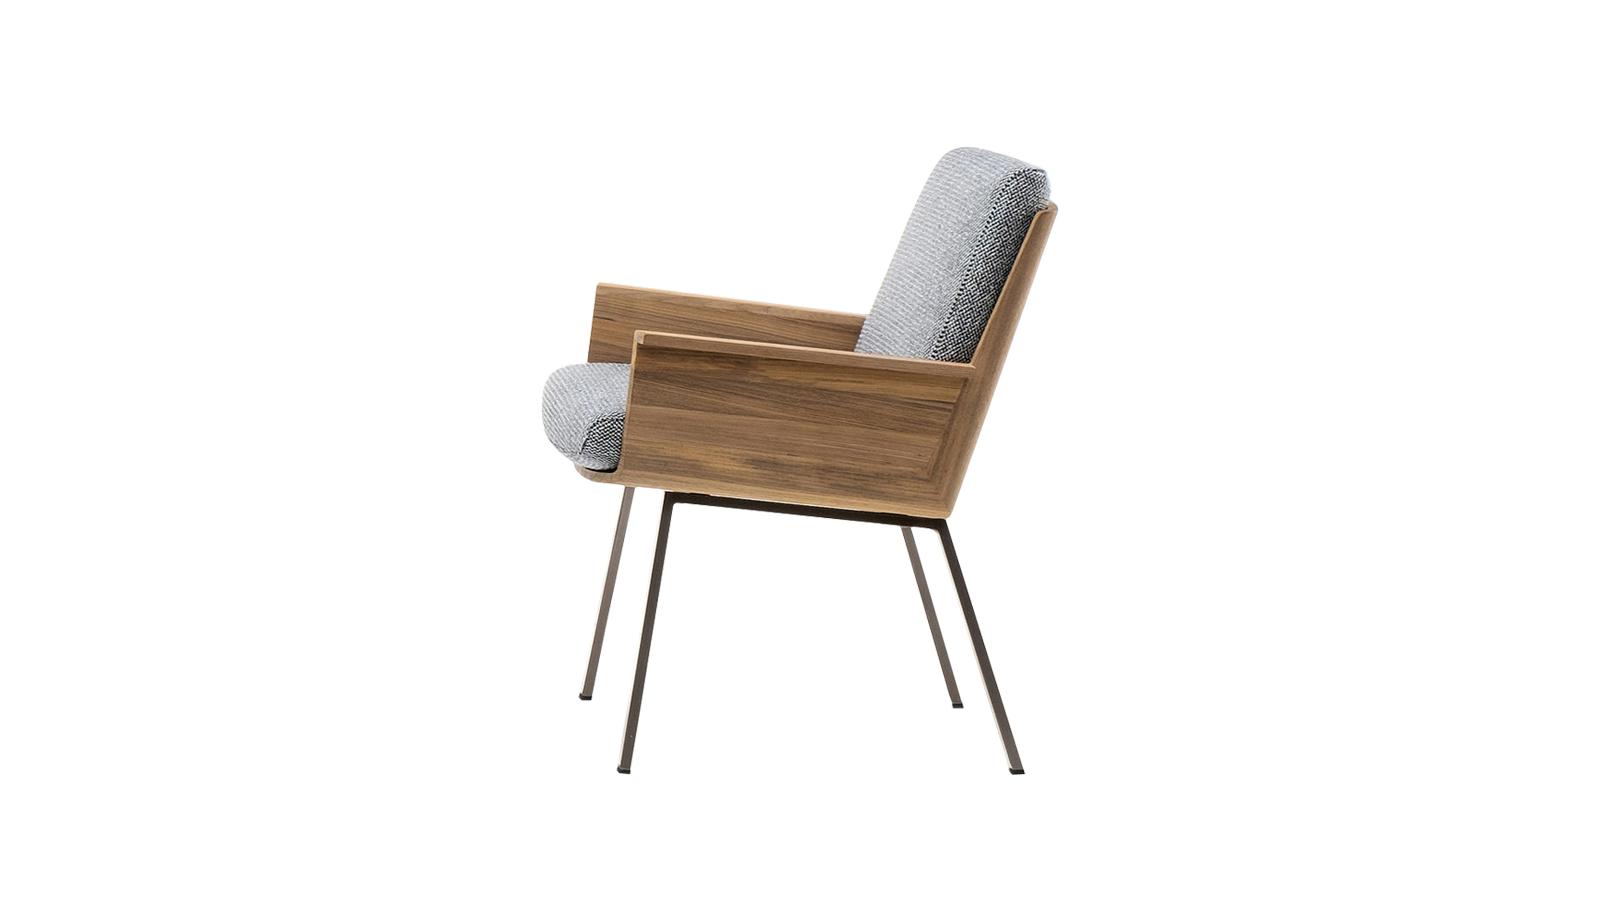 Marcio Kogan építészt Japán kultúrája és stílusvilága inspirálta a Daiki kültéri bútorkollekció megtervezése során. A kollekcióhoz tartozó karosszék mély, alacsony ülésével egyértelműen távol-keleti inspirációkat idéz fel, ugyanakkor a 20. század közepén uralkodó, ún. midcentury stílus jegyeit is magán hordozza. A bútor egyedi, hajlított, tömörfa elemei 45 fokos szögben csatlakoznak egymáshoz, így garantálva a tökéletes kényelmet.